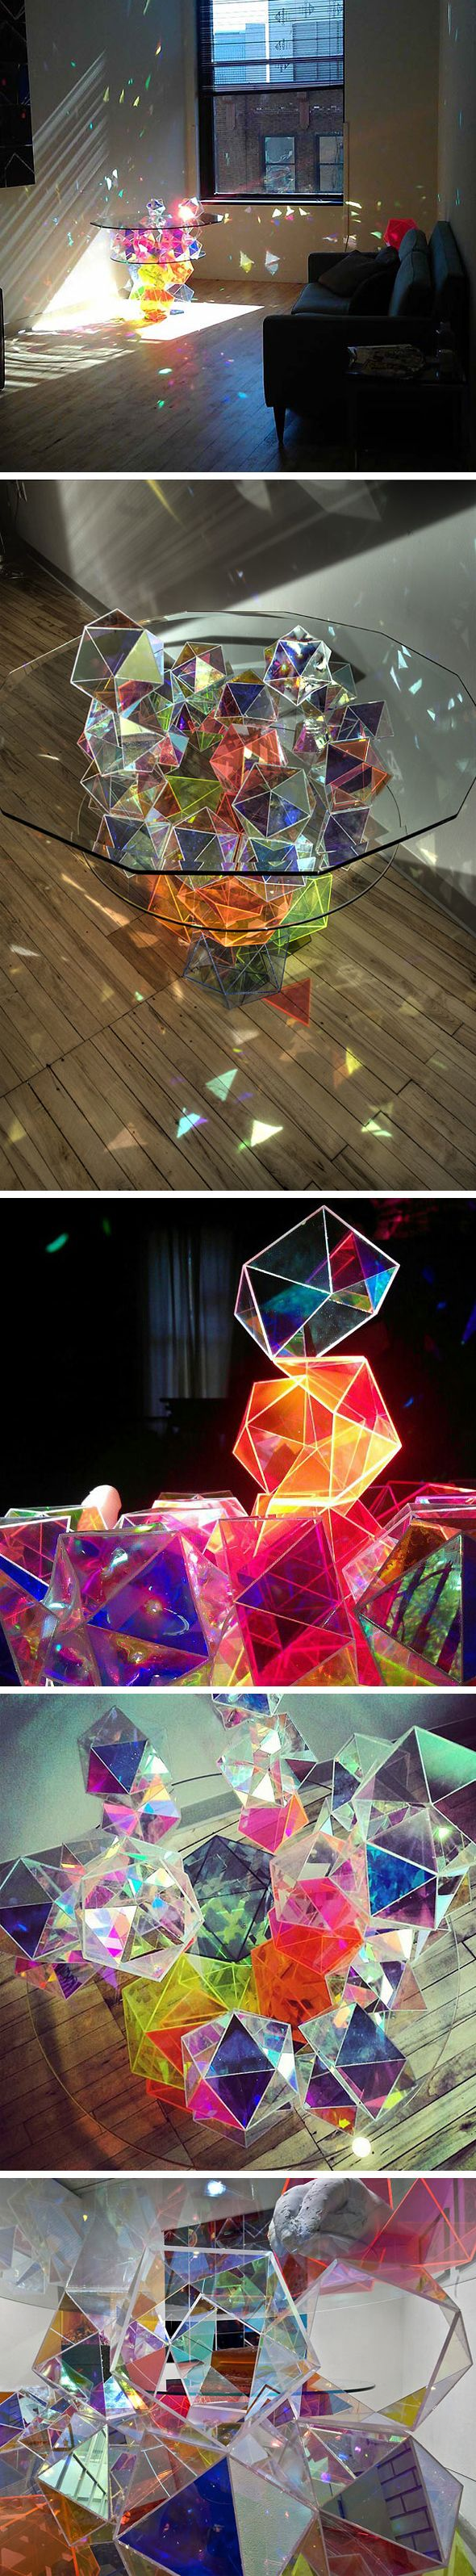 Une table boule à facettes    Basé à Minneapolis, le designer et artiste John Foster signe cette magnifique table à cocktail. Fusion de verre et de réflexion de lumière, la table est constituée sur la base d'une pyramide inversée de cristaux de verre colorés qui divisent la lumière en dizaines de reflets arc-en-ciel dans toute la pièce.